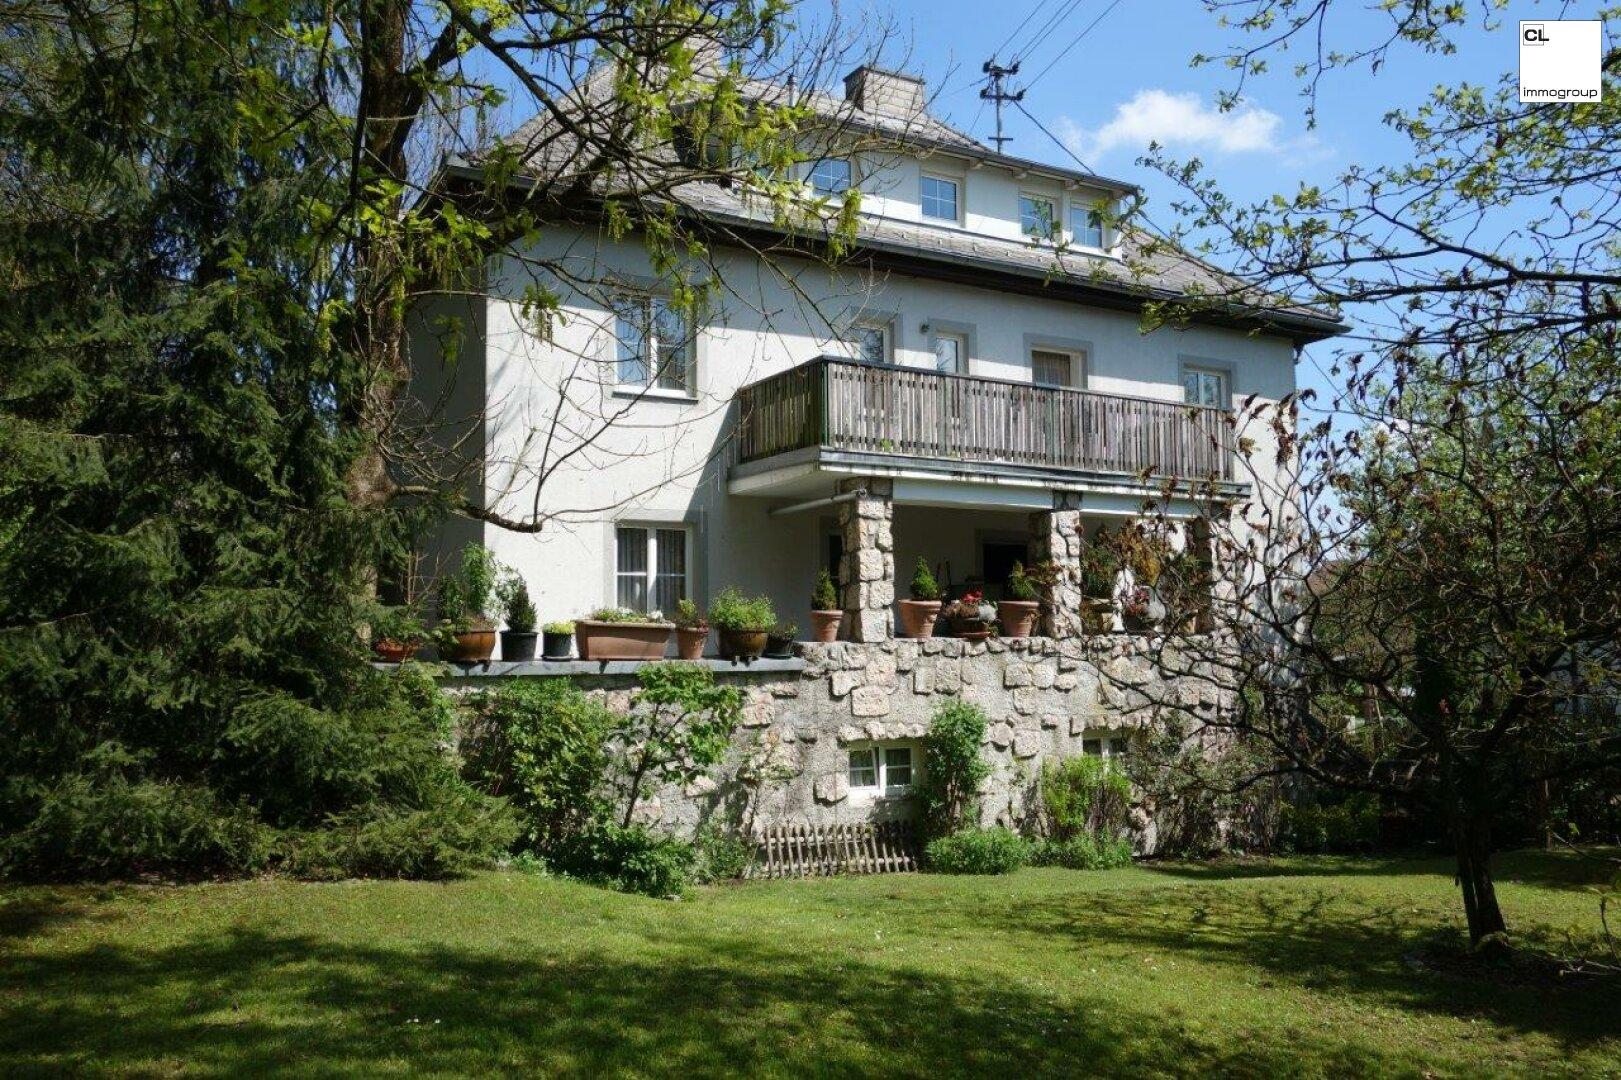 Prachtvolle Villa mit großem uneinsehbaren Garten zu kaufen CL-Immogroup www.cl-immogroup.at